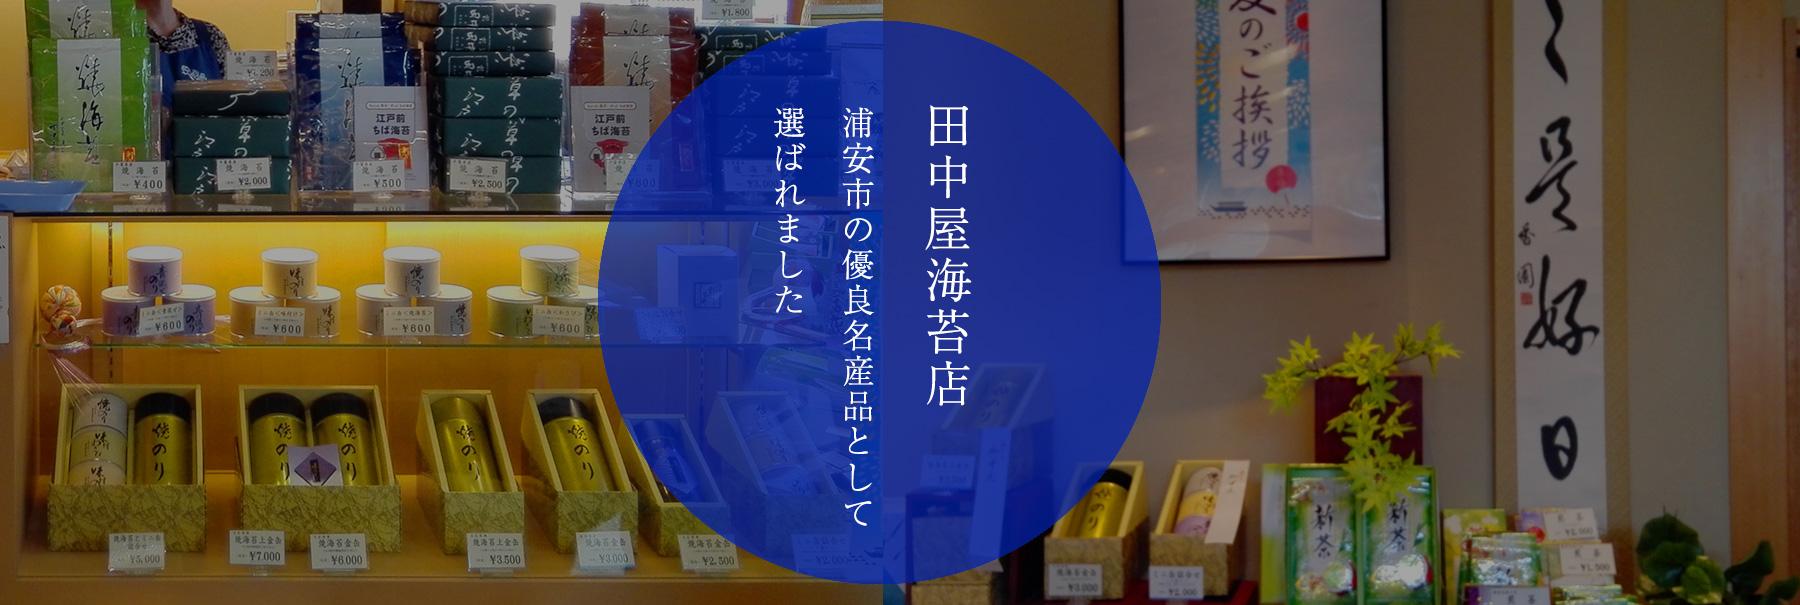 田中海苔店 商品